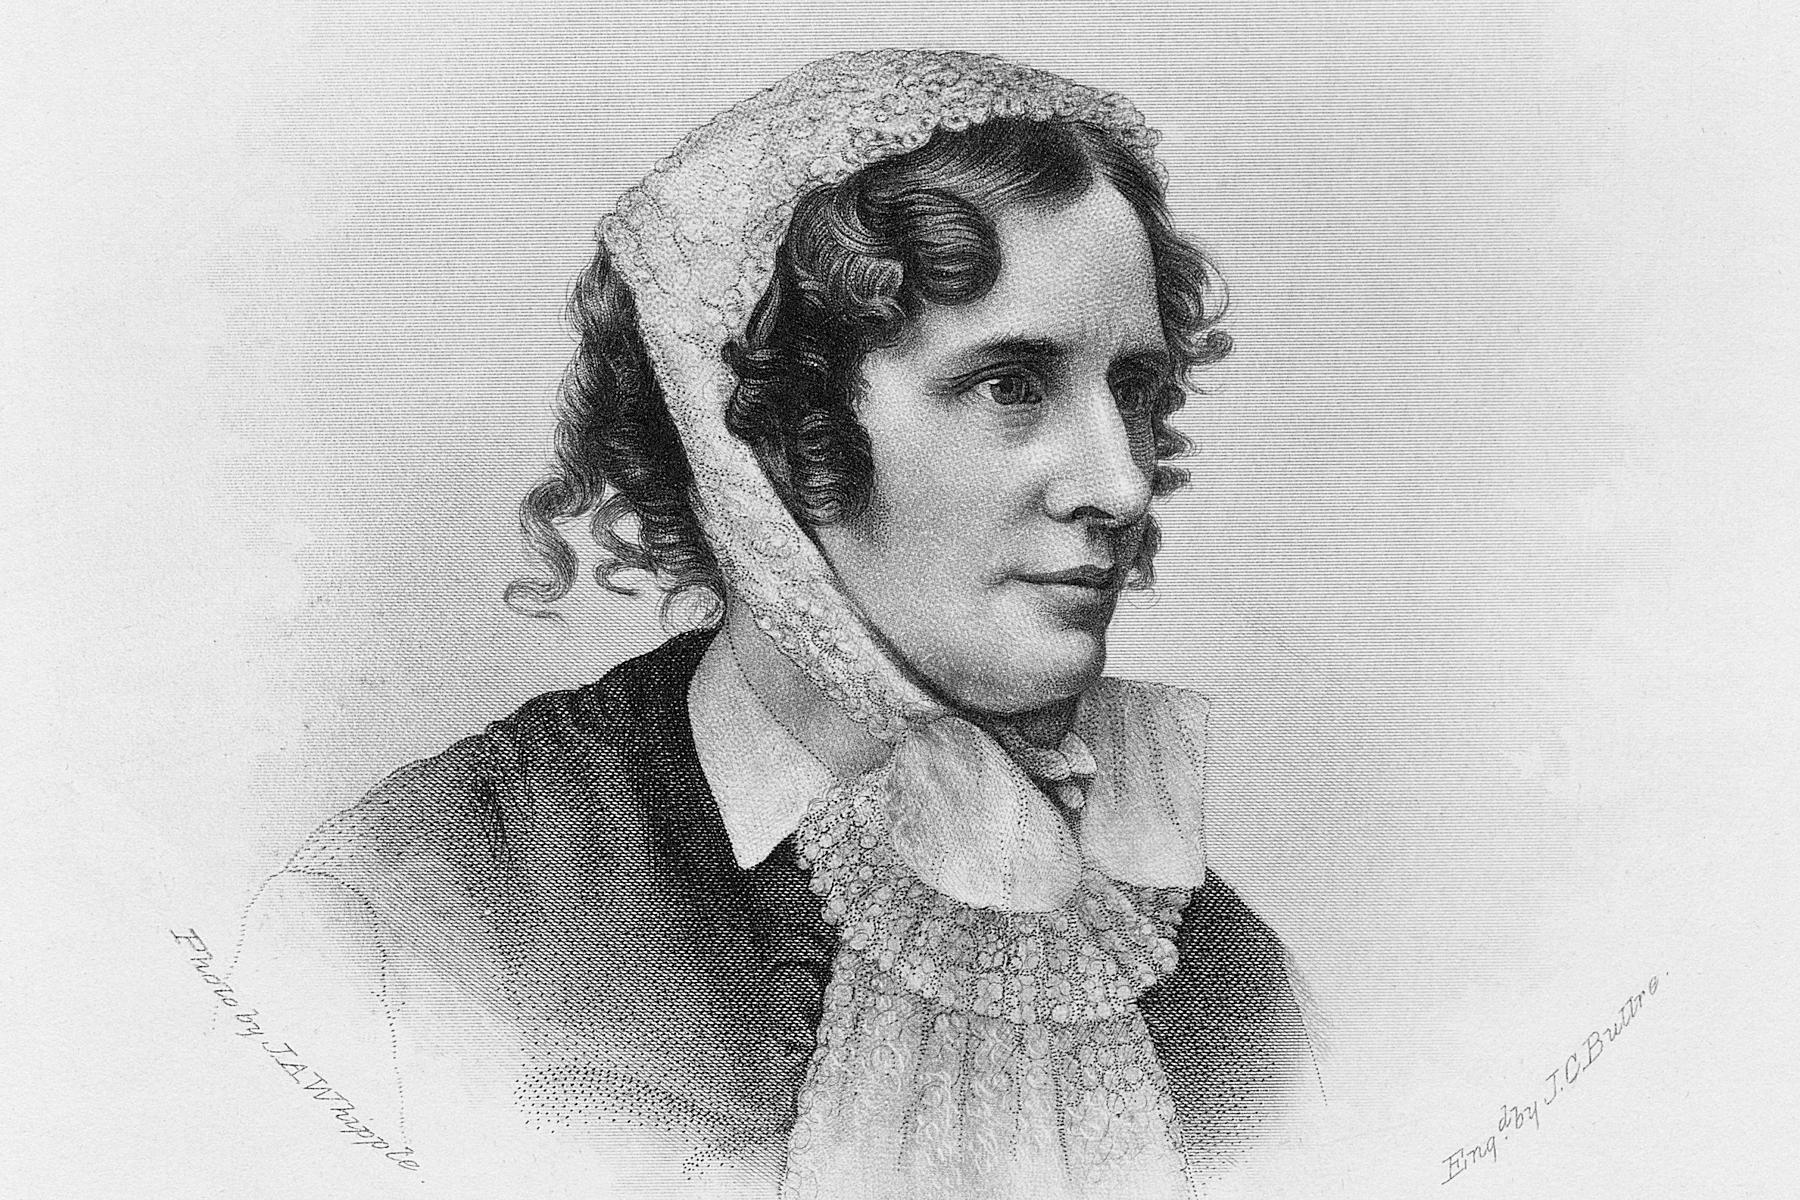 Isabella Beecher Hooker